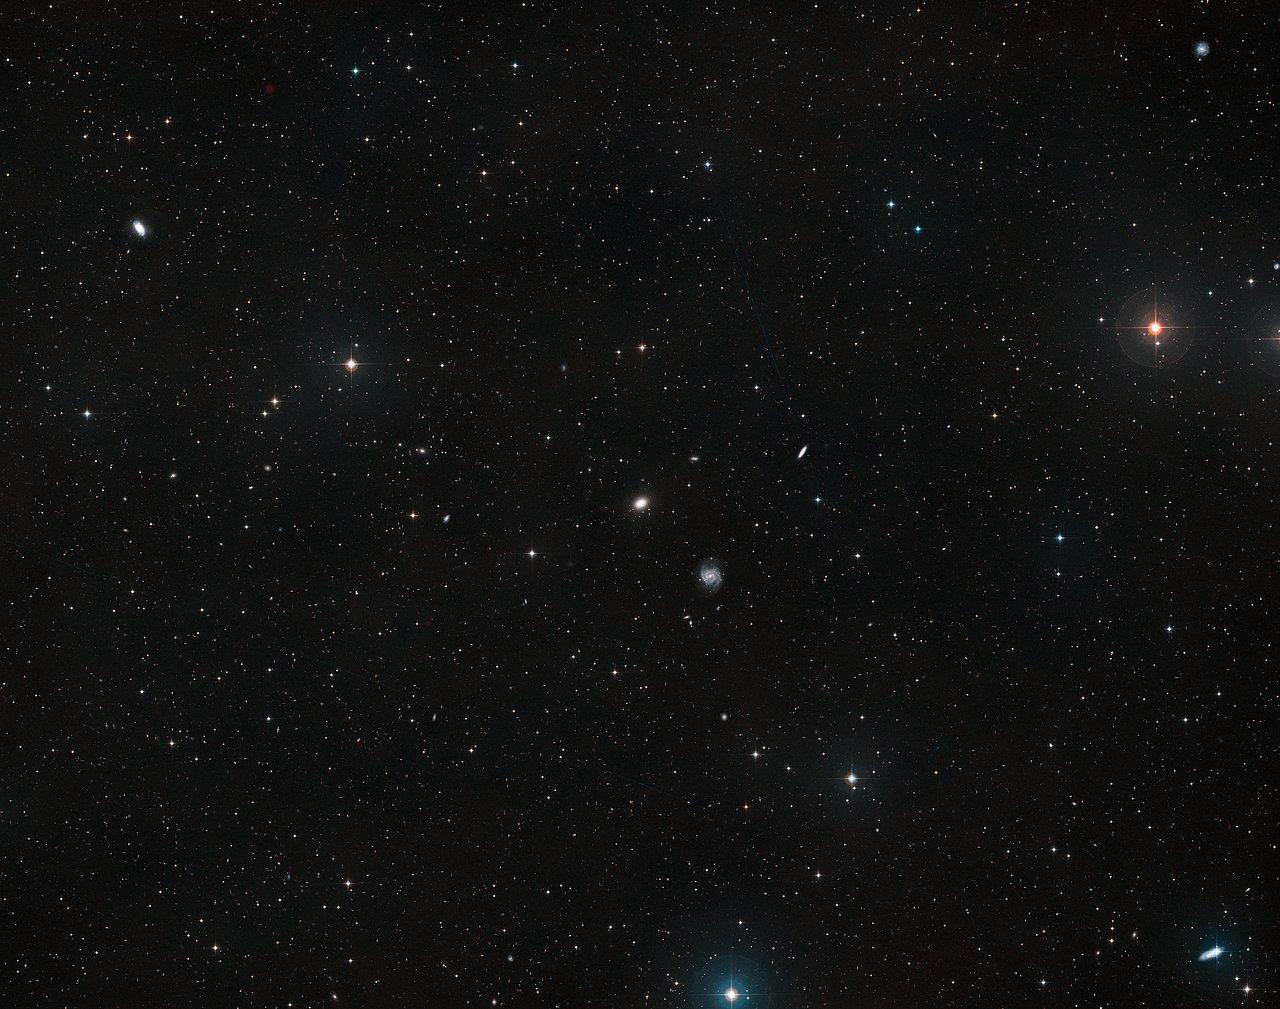 New Hubble Data Explains Missing Dark Matter